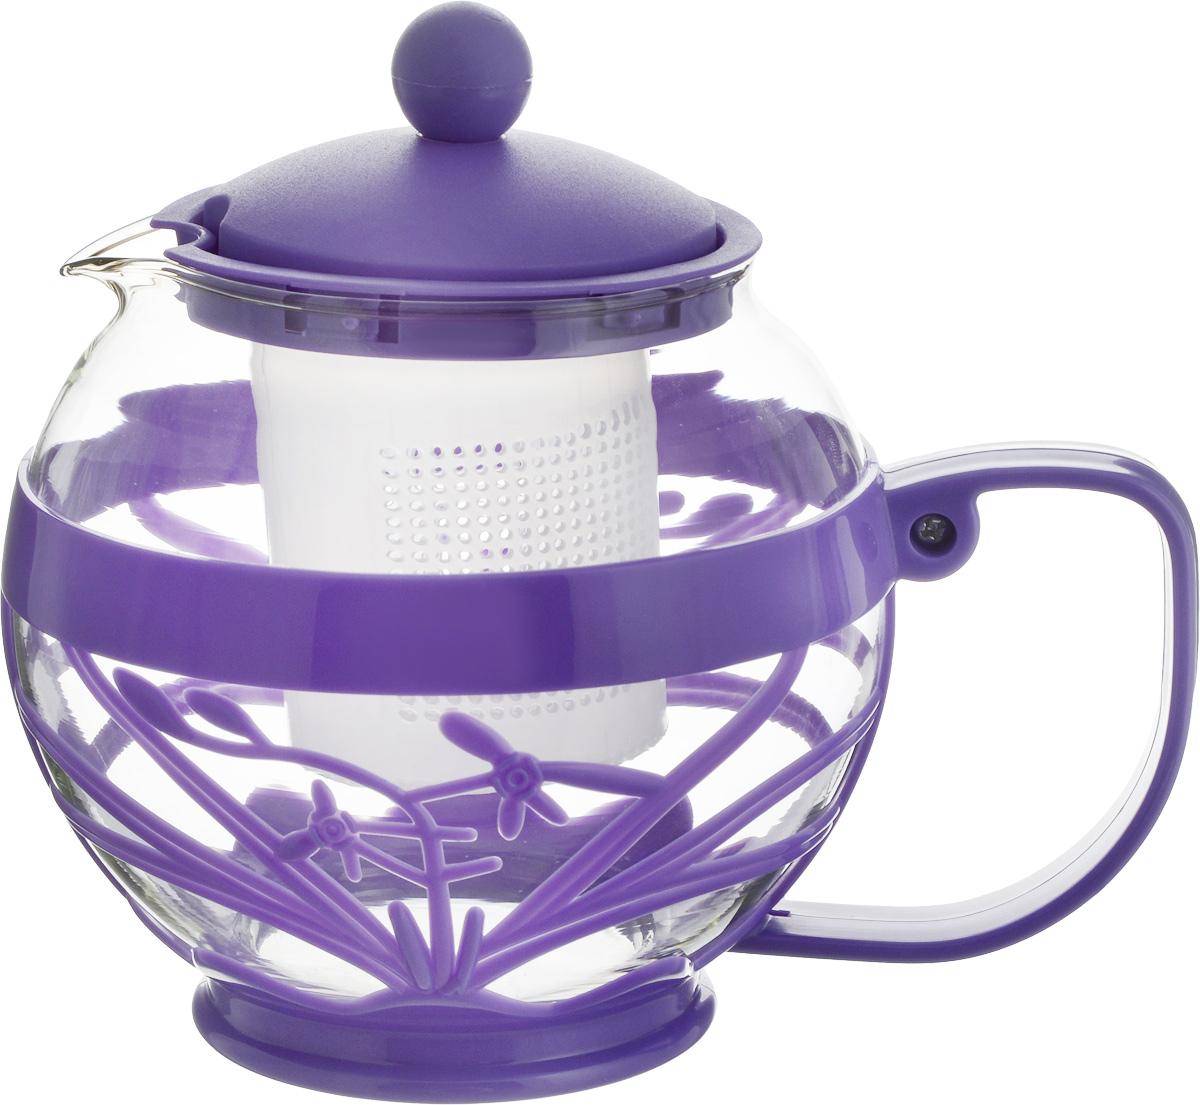 """Чайник заварочный Wellberg """"Aqual"""", с фильтром, цвет: прозрачный, фиолетовый, 800 мл 361 WB_прозрачный, фиолетовый"""